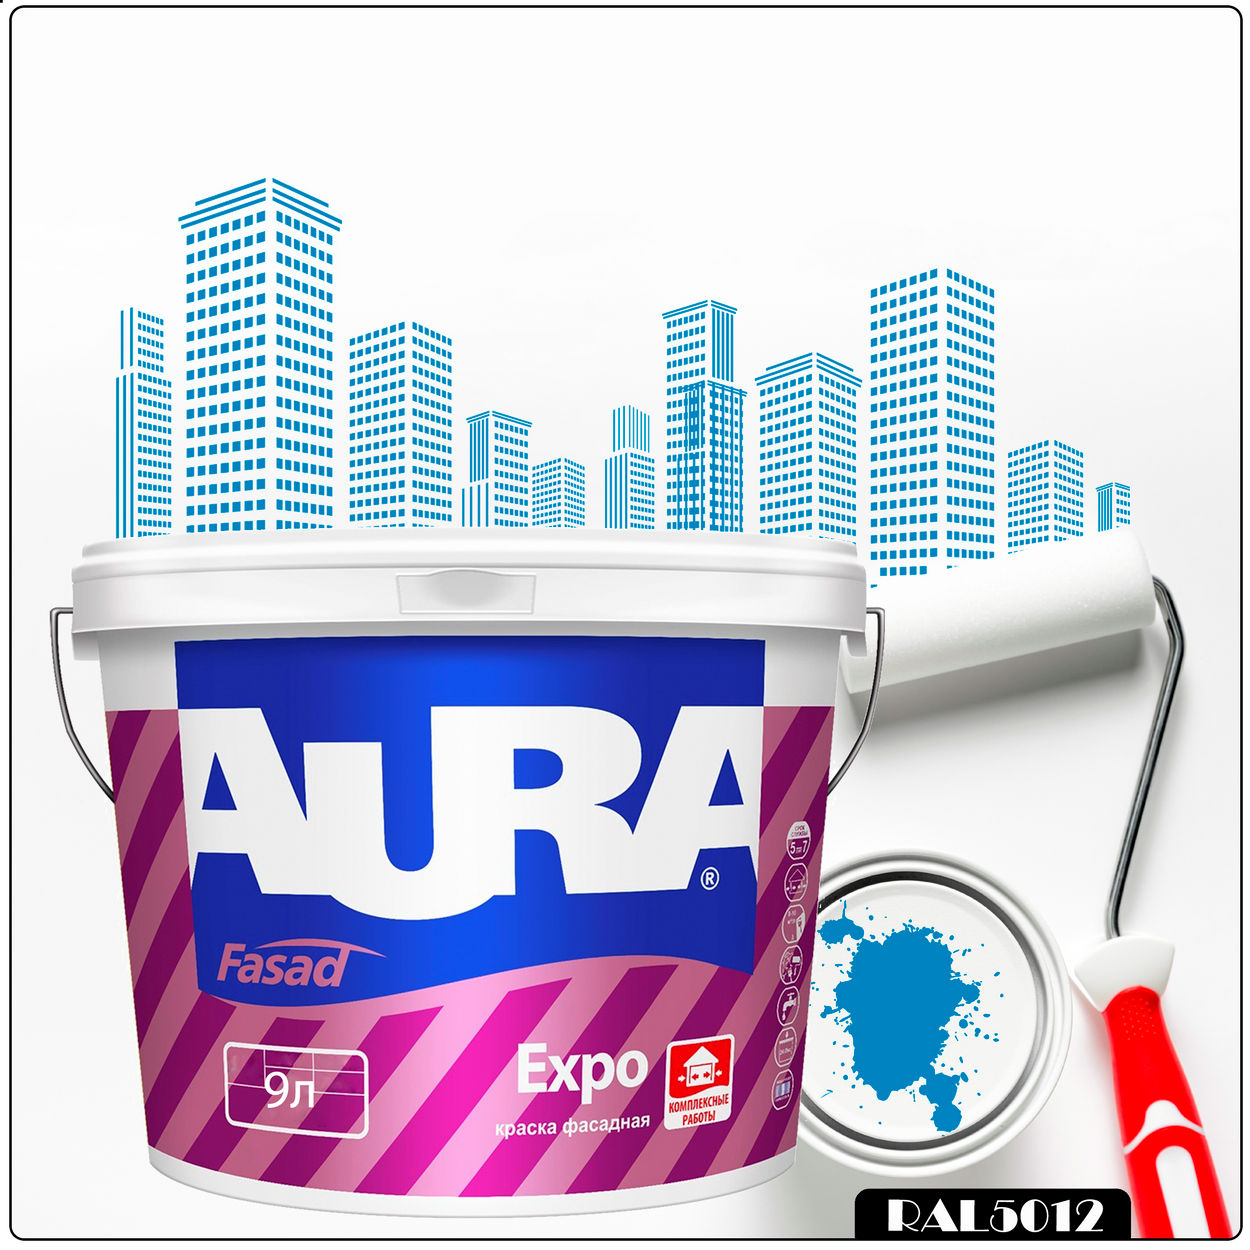 Фото 12 - Краска Aura Fasad Expo, RAL 5012 Голубой, матовая, для фасадов и помещений с повышенной влажностью, 9л.